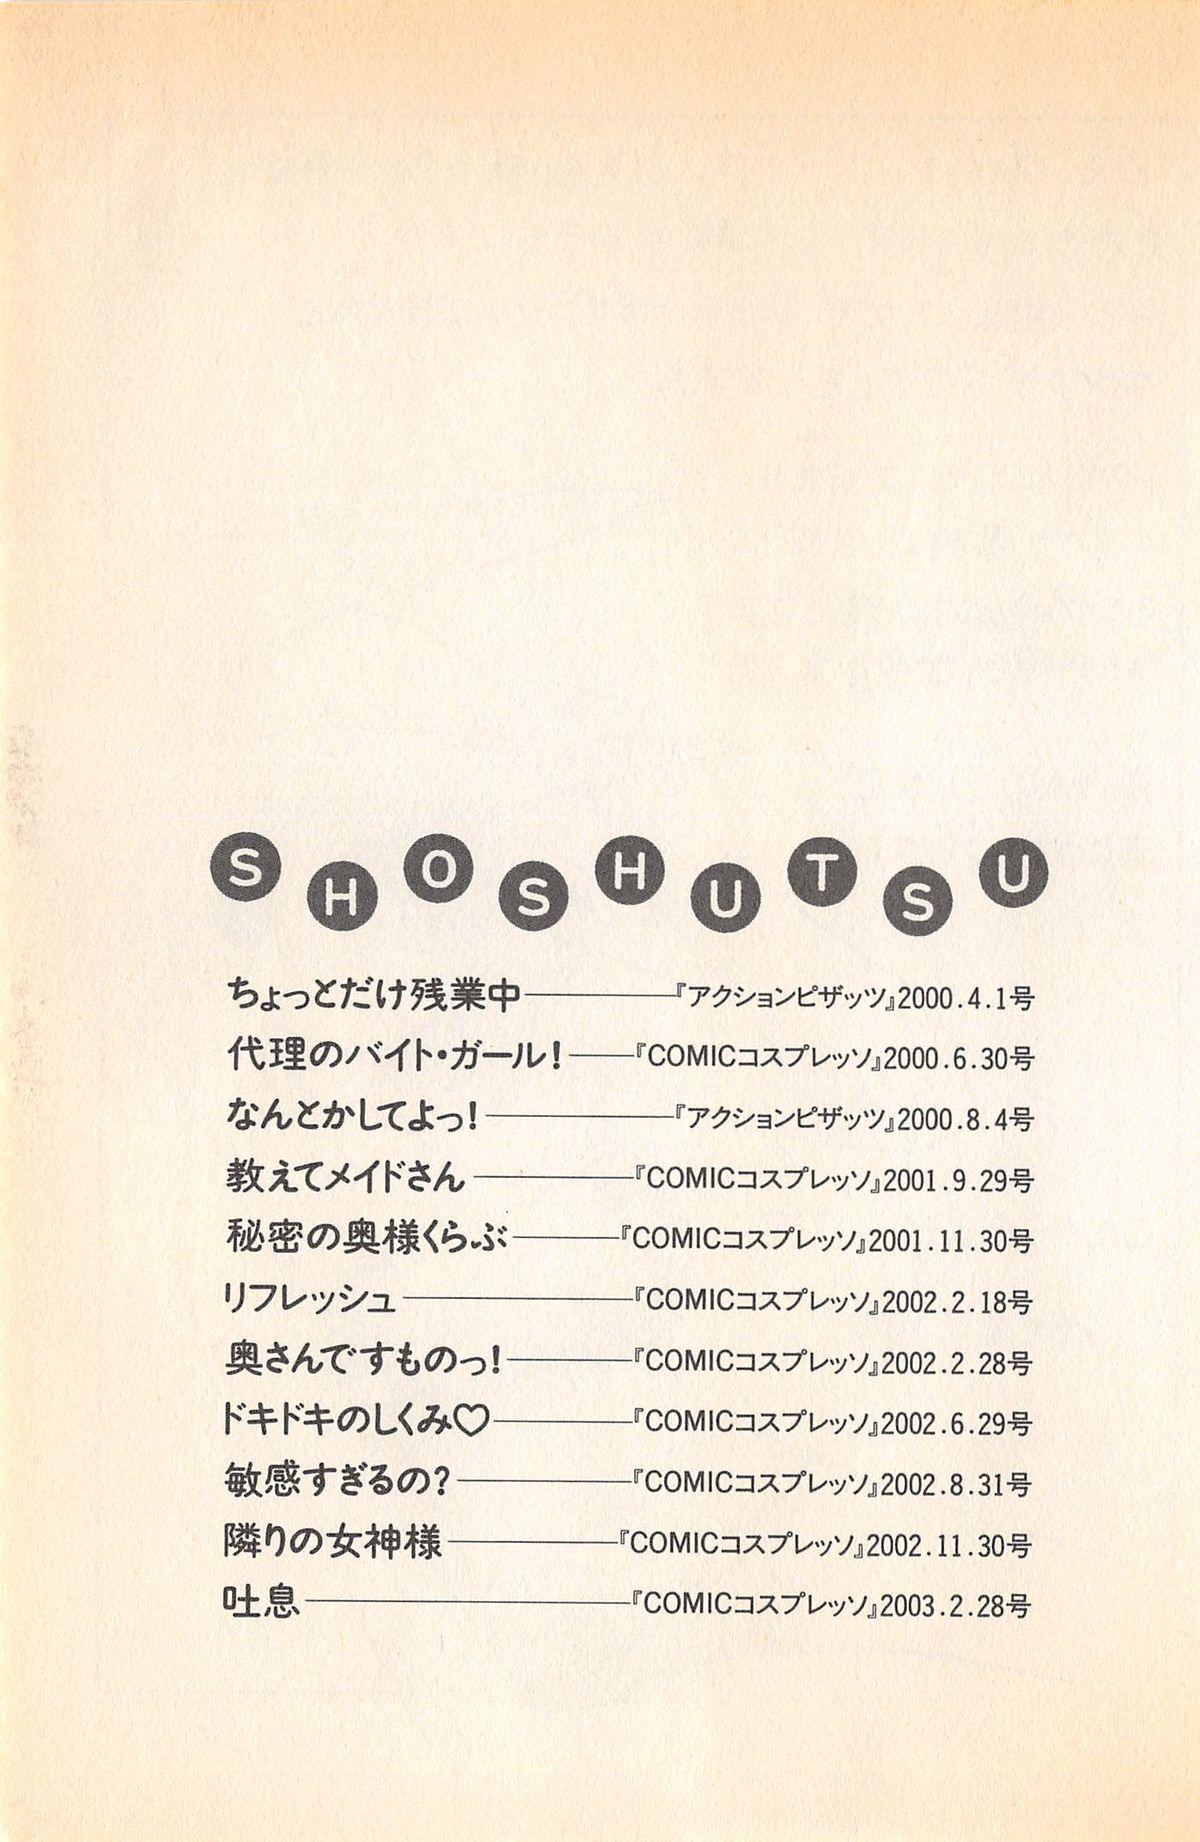 Doki Doki no Shikumi 200